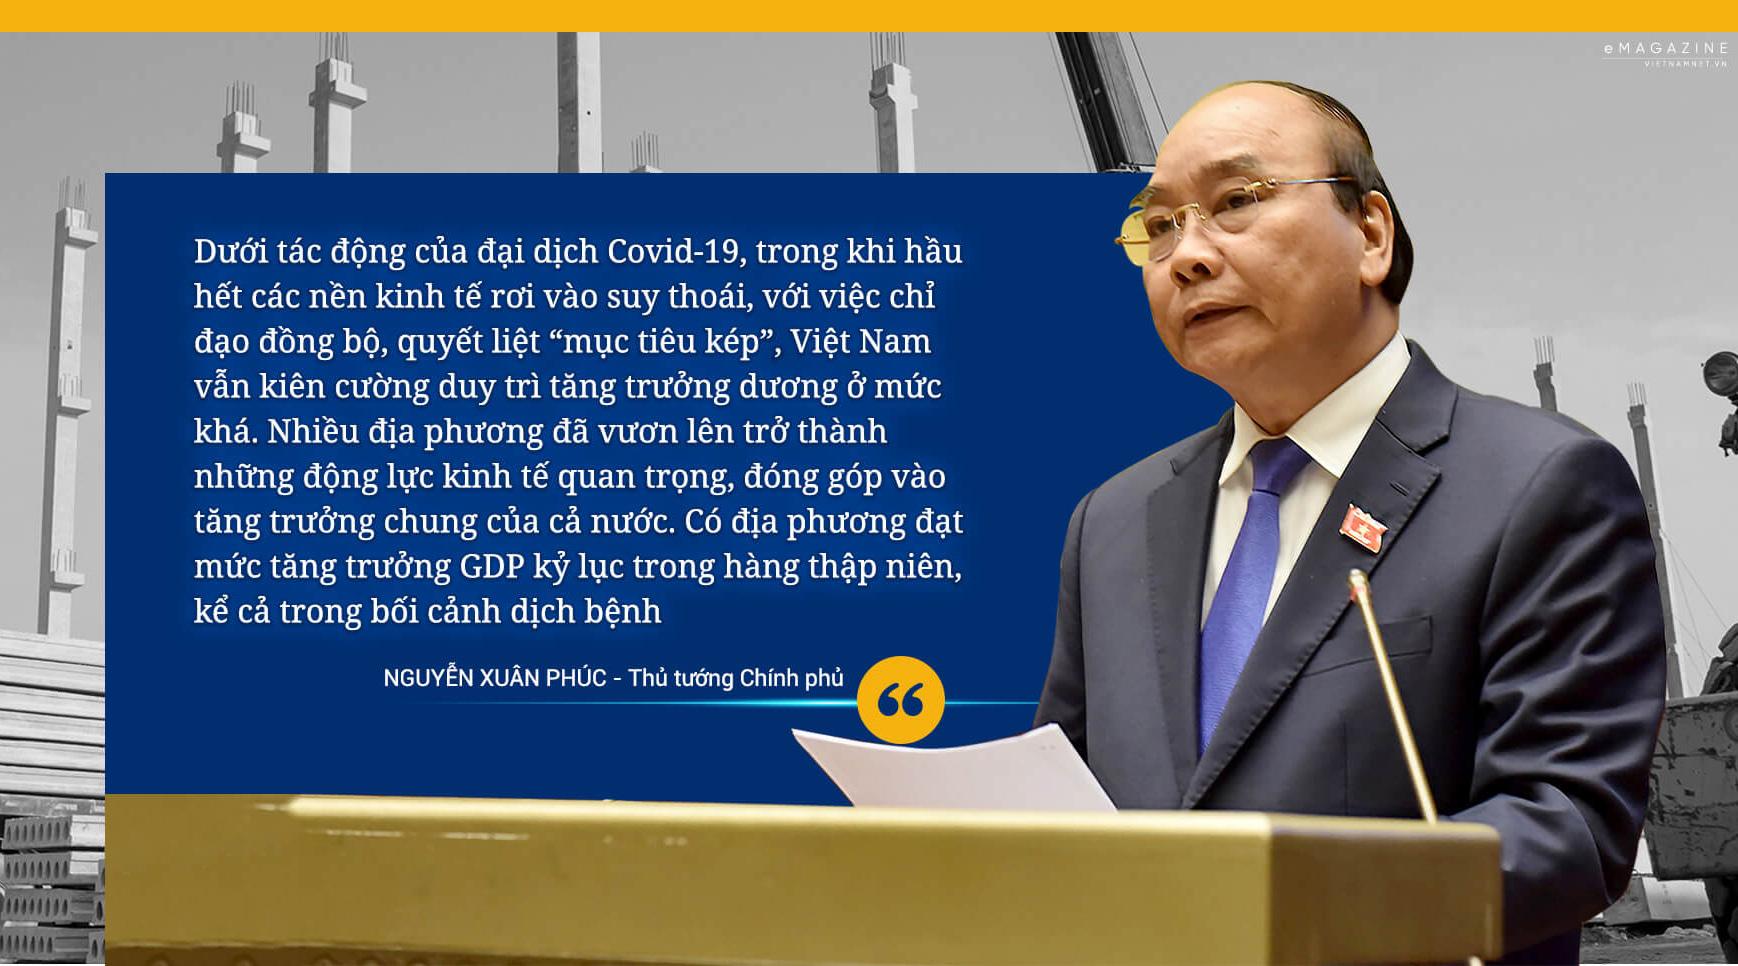 tăng trưởng kinh tế,GDP,Covid-19,kinh tế Việt Nam,môi trường kinh doanh,cải cách thể chế,gói hỗ trợ